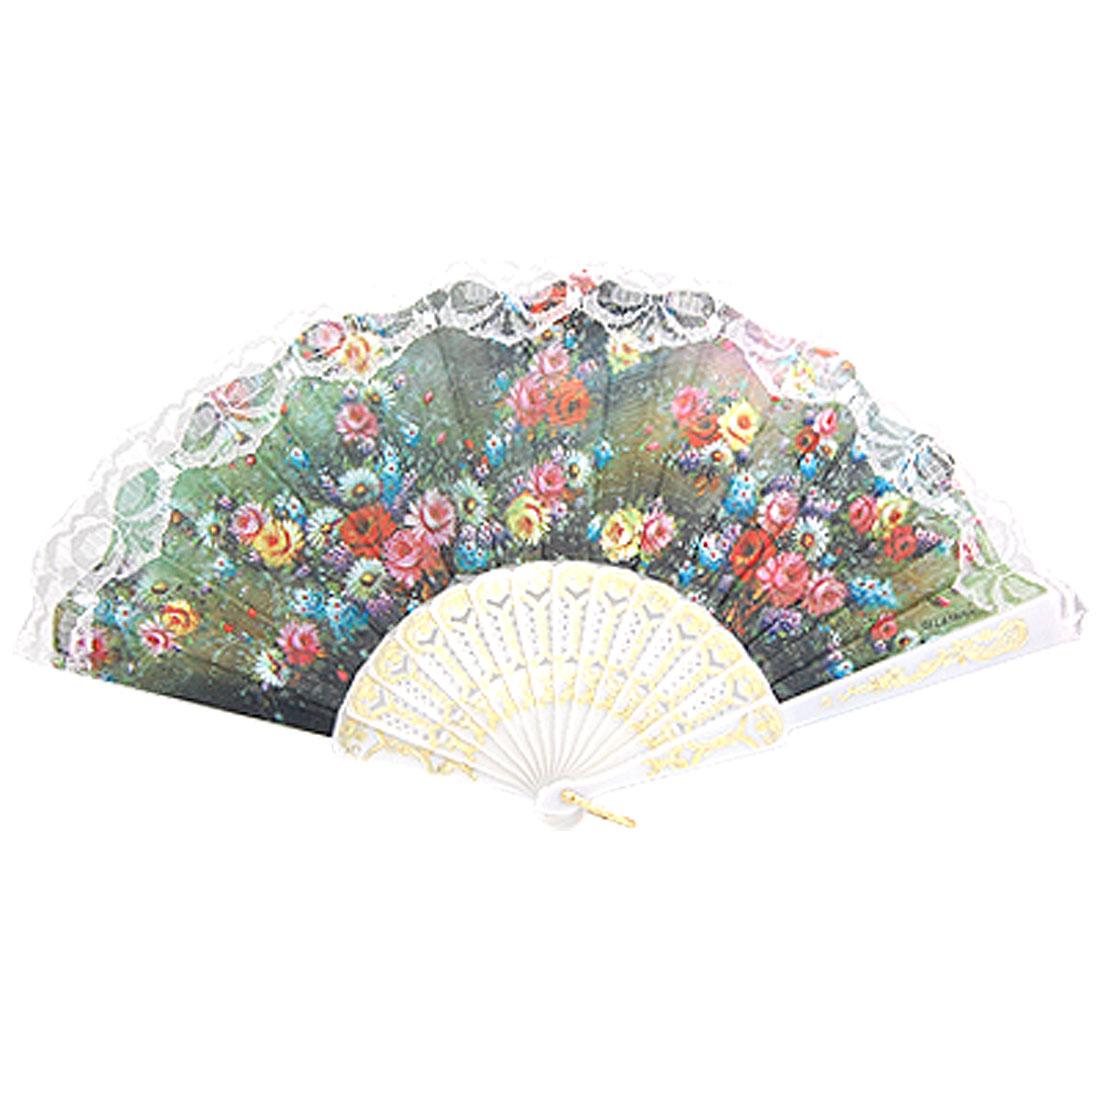 Wht Lace Decor Colorful Flower Print Folding Hand Fan